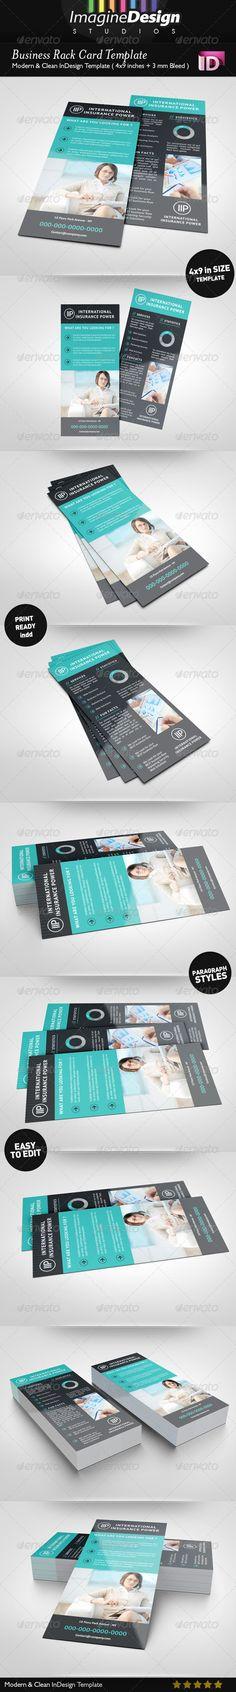 Interior Design Rack Card  Psd Templates Template And Edit Text